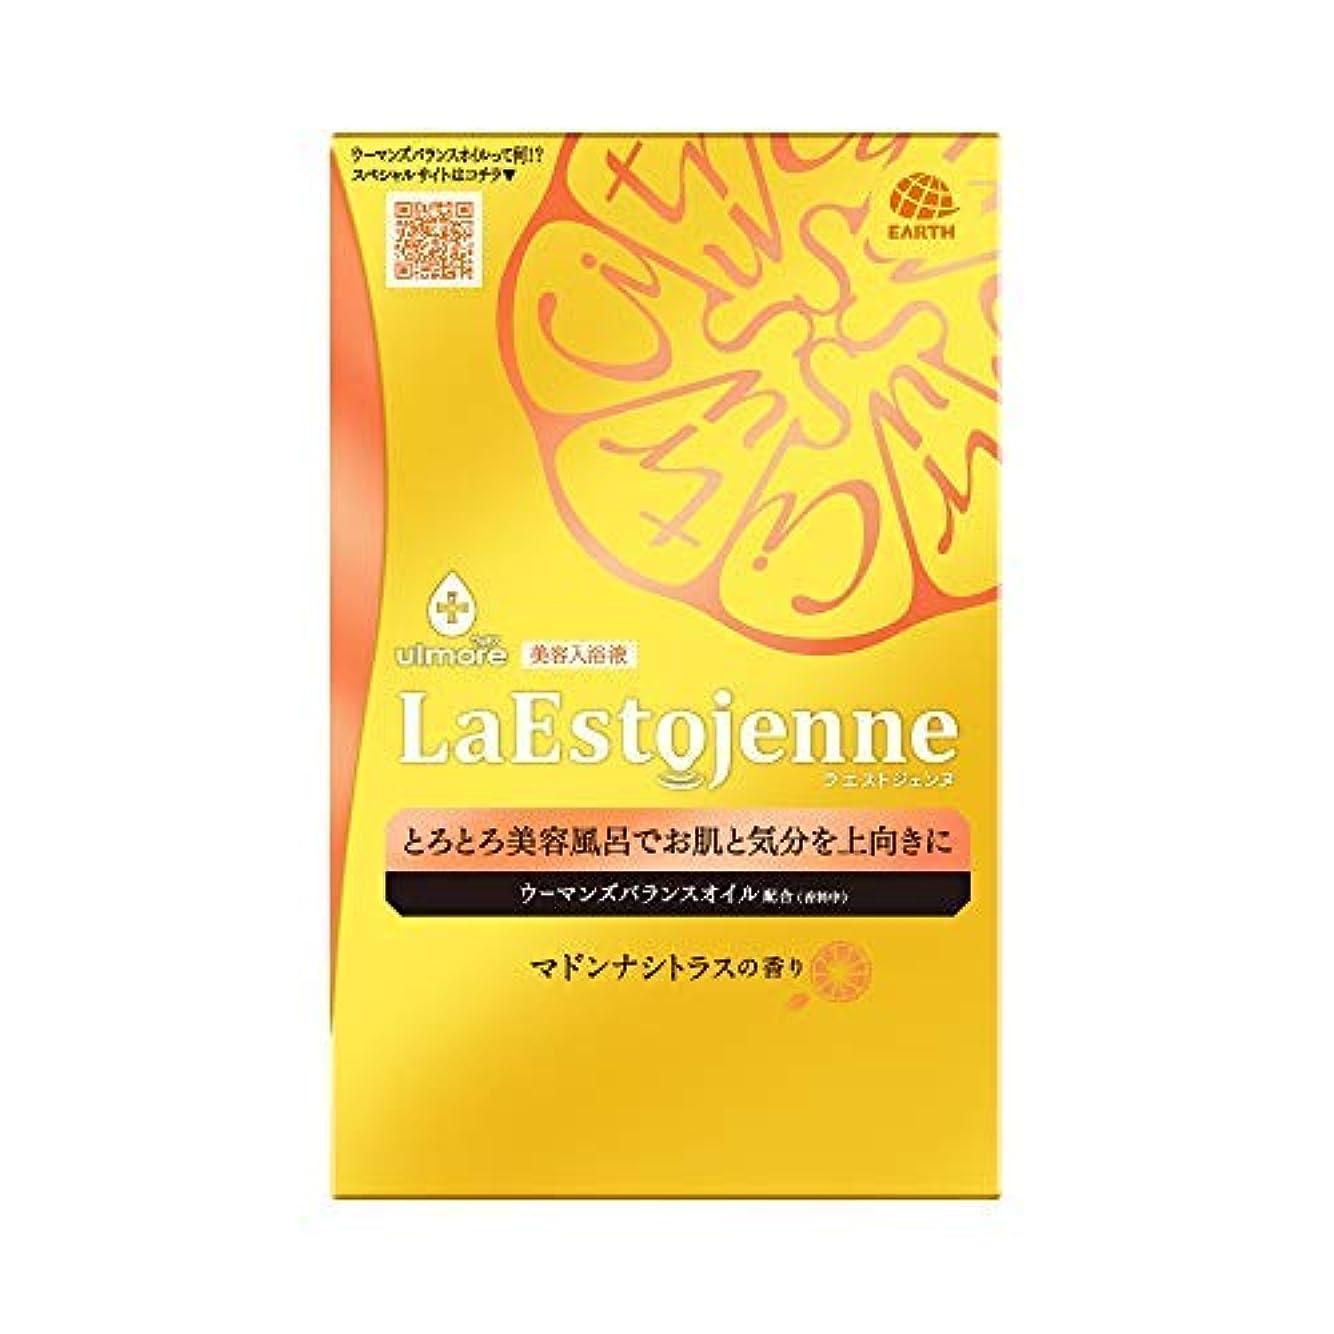 ポップ求めるペンフレンドウルモア ラエストジェンヌ マドンナシトラスの香り 3包入り × 4個セット